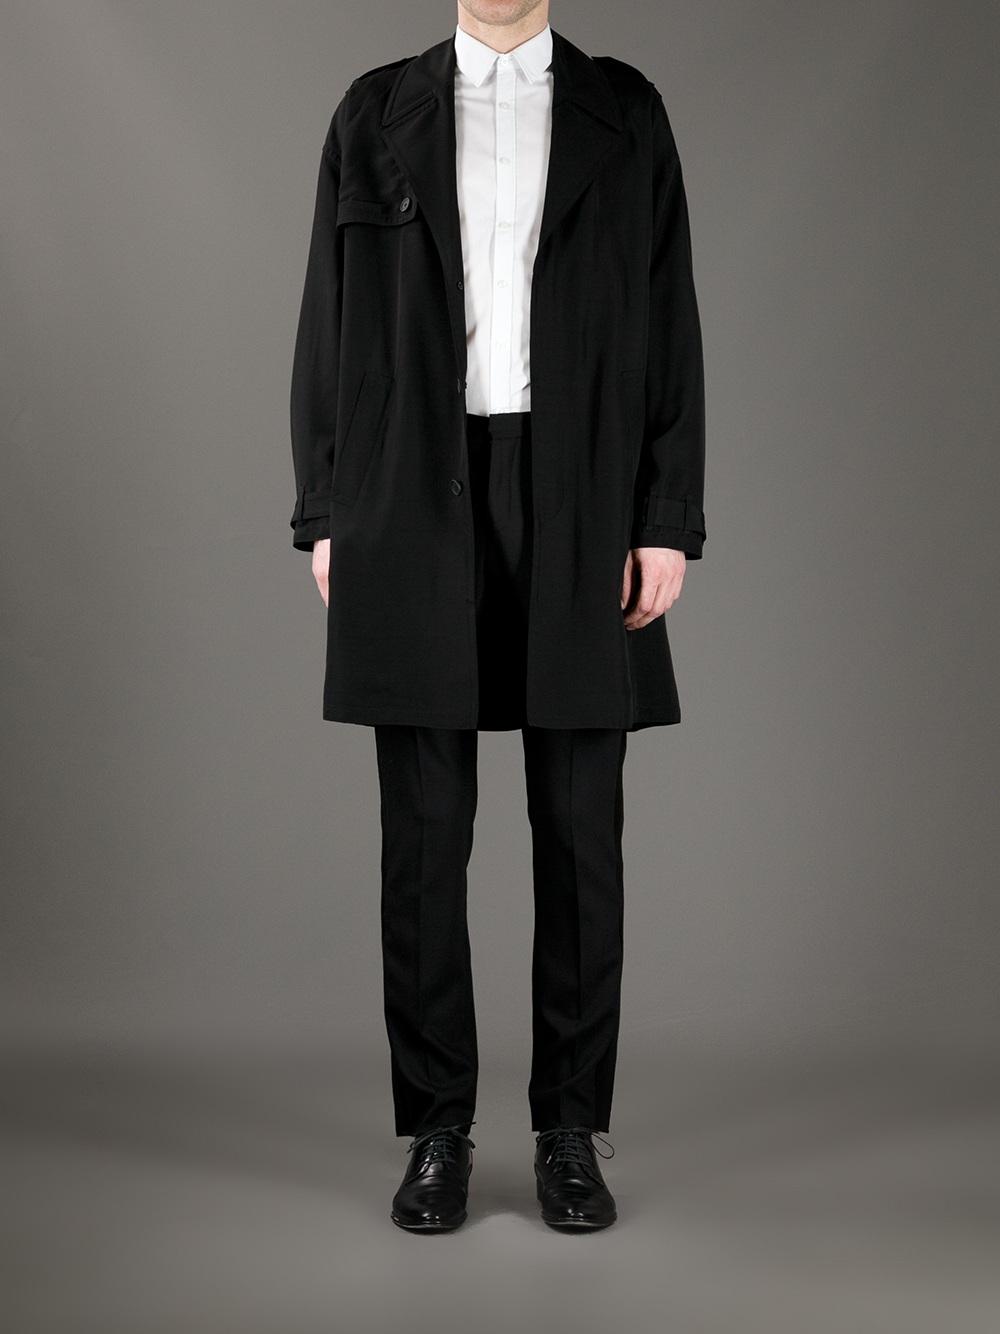 Lyst neil barrett tuxedo stripe trouser in black for men for Neil barrett tuxedo shirt